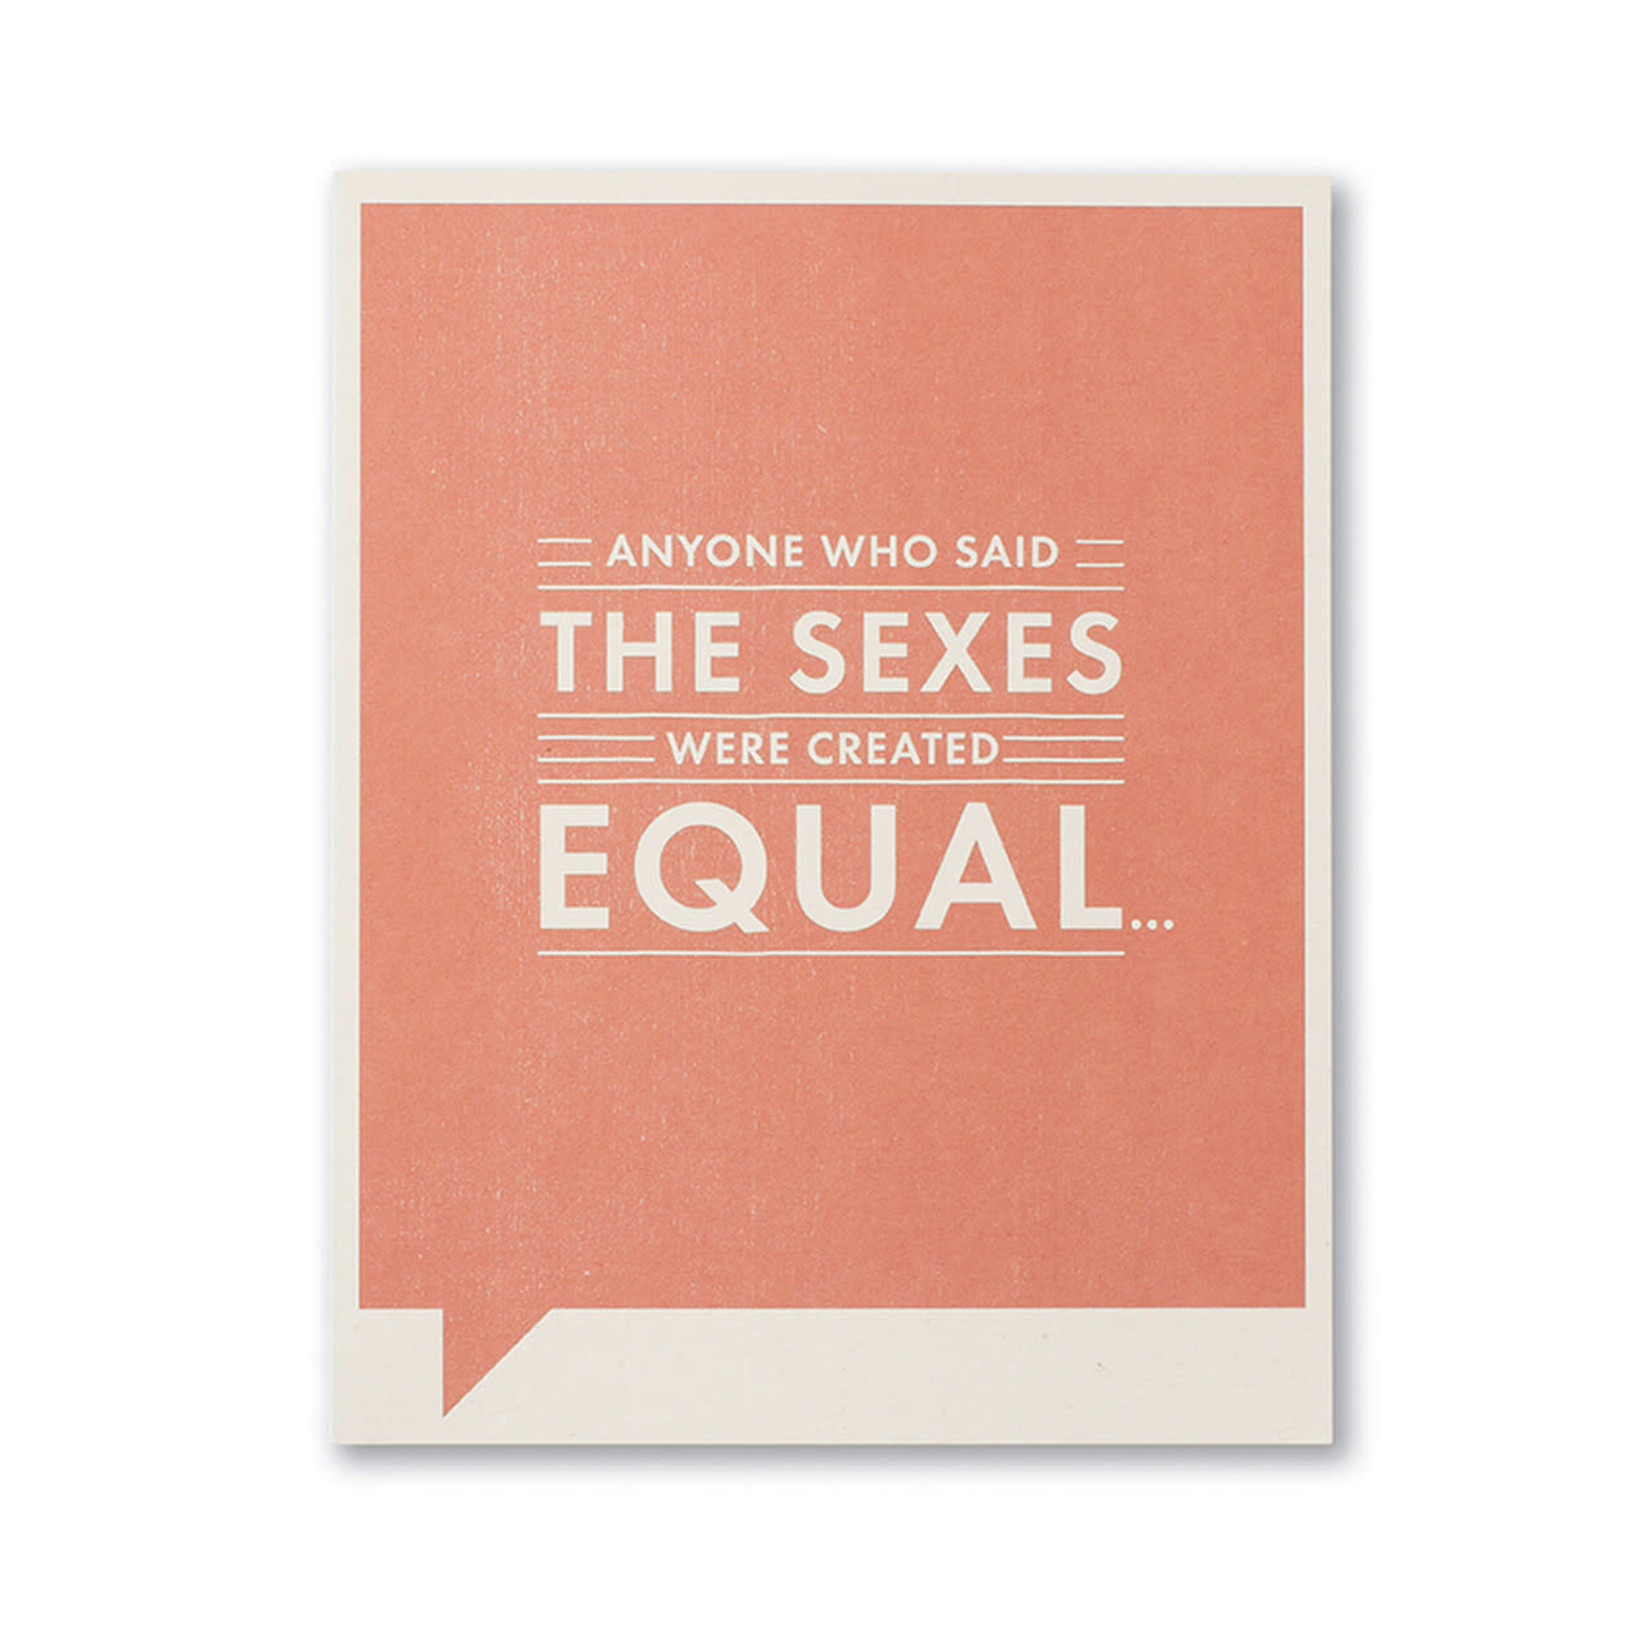 ANYONE WHO SAID THE SEXES CARD